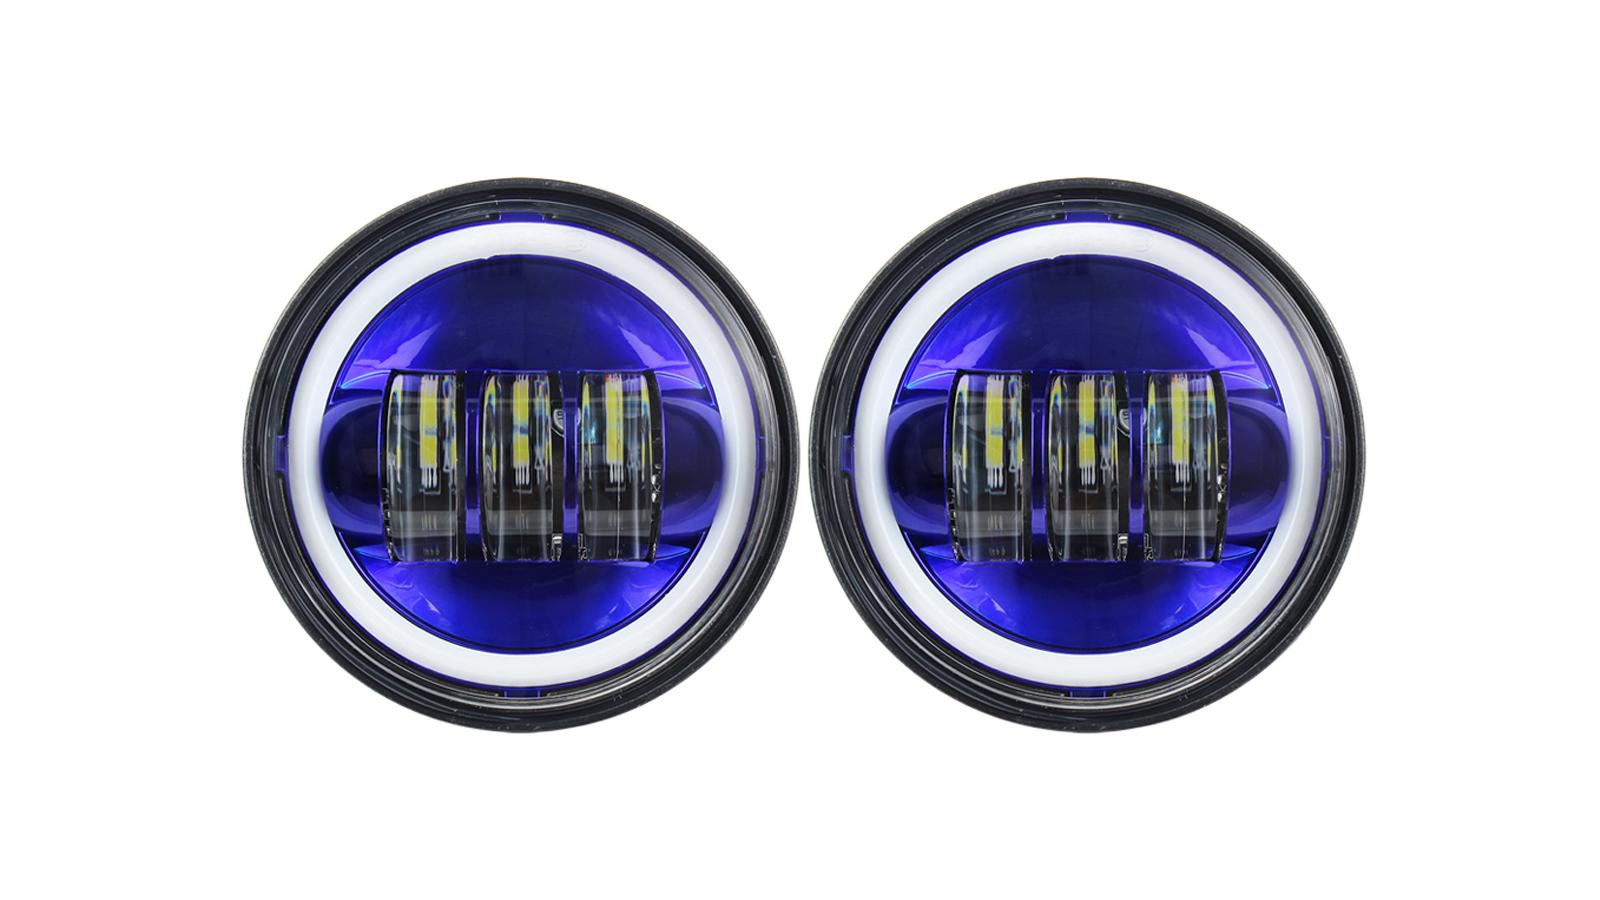 4-1 / 2 4.5 بوصة زرقاء هالو drl الصمام بقعة الضباب يمر مصباح ضوء ل هارلي ديفيدسون الدراجات